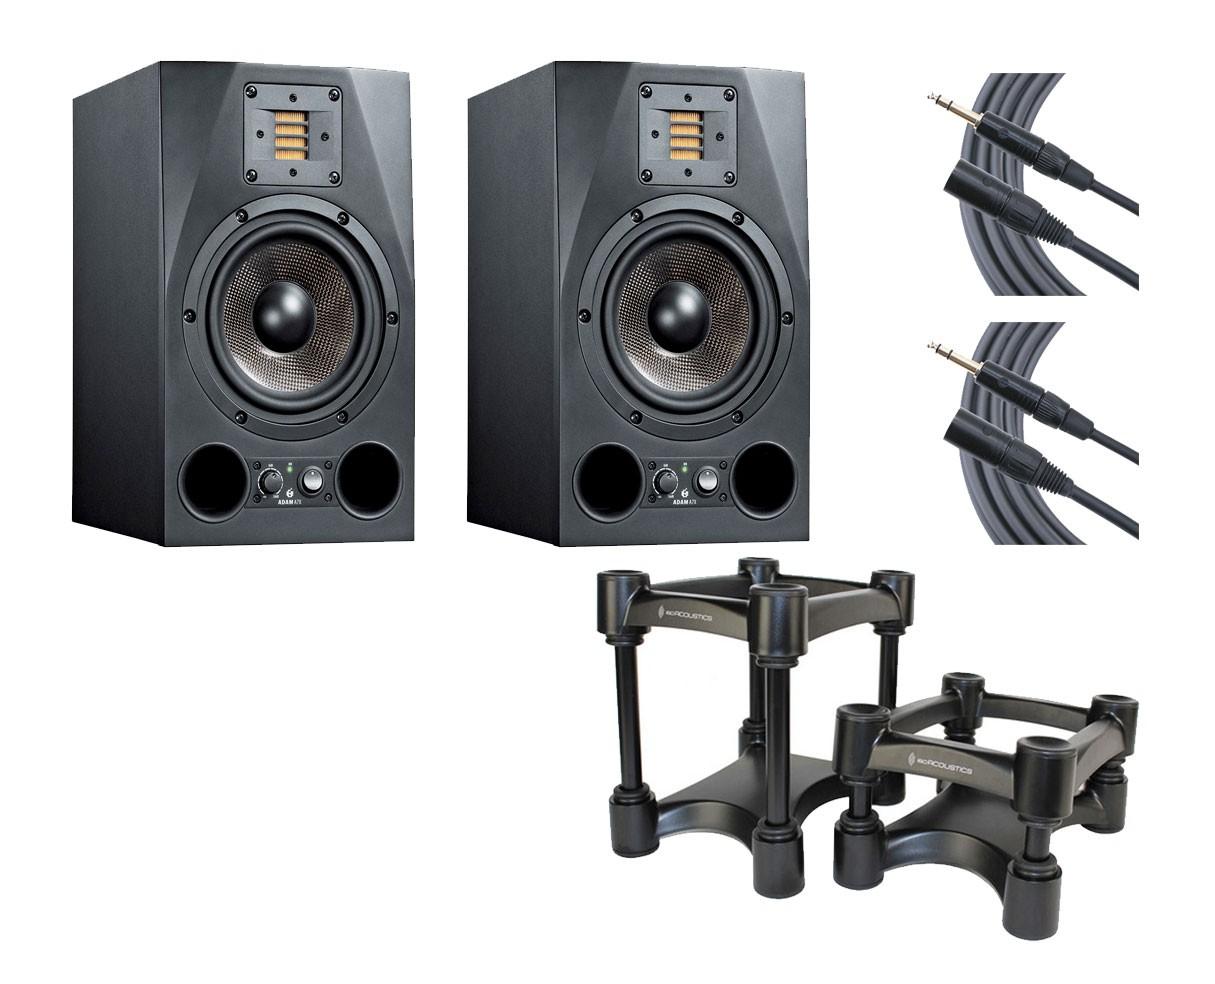 2x ADAM A7X + IsoAcoustics + Mogami Cables